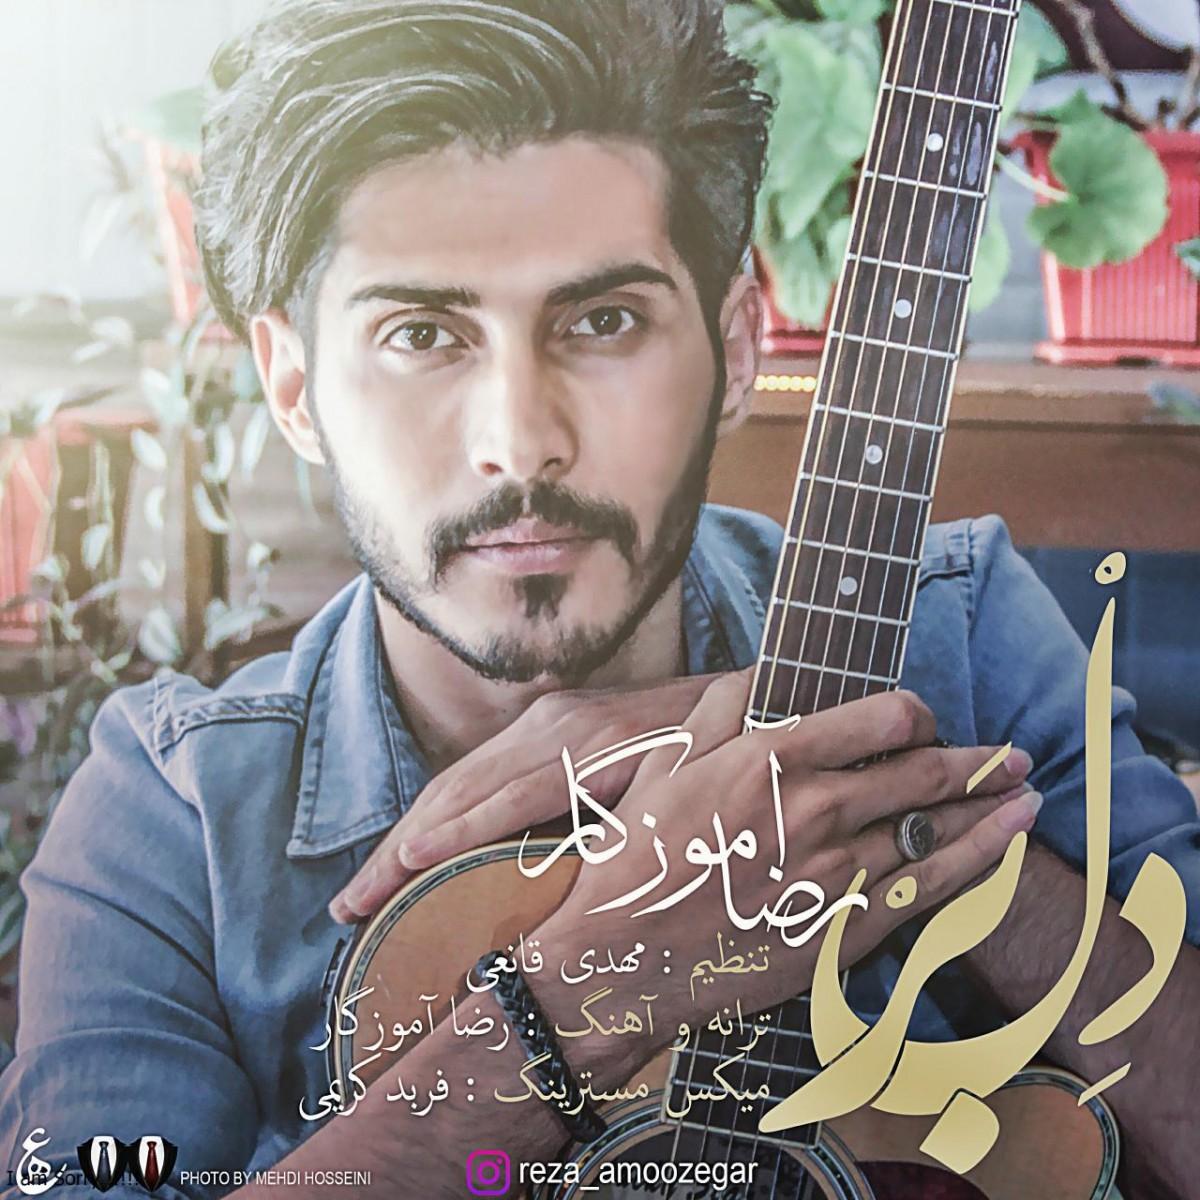 نامبر وان موزیک   دانلود آهنگ جدید Reza-Amoozegar-Delbar